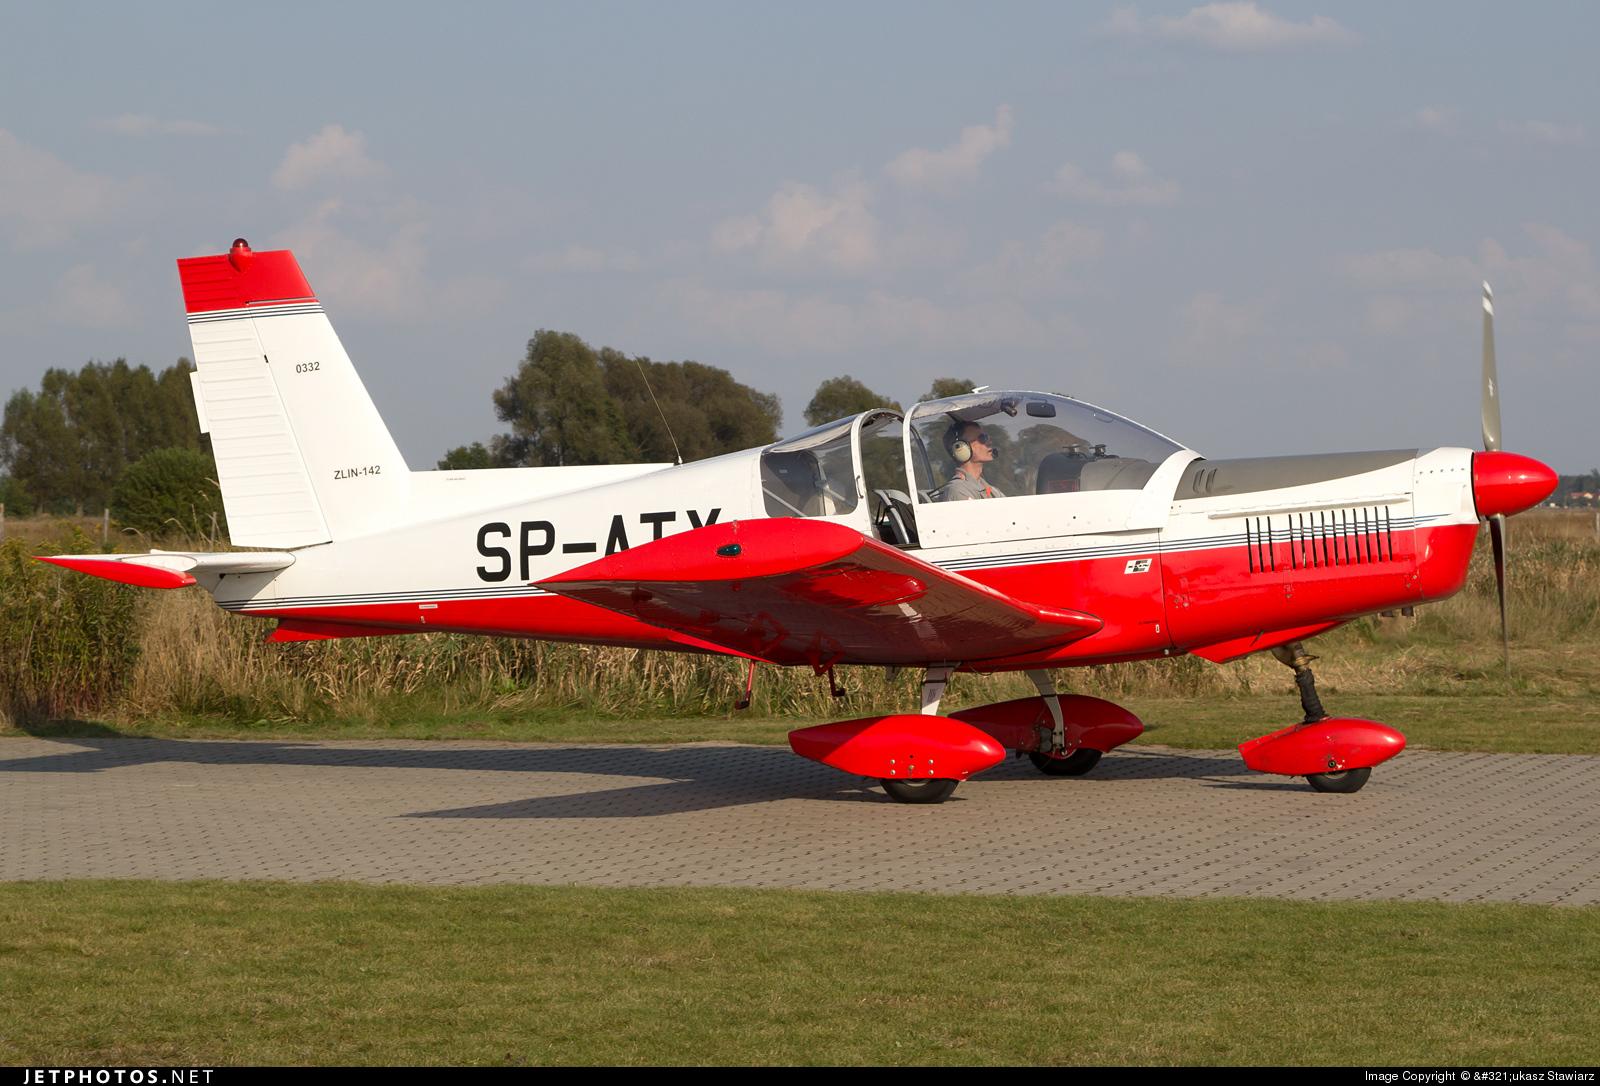 SP-ATX - Zlin 142 - Aero Club - Ziemi Mazowieckiej